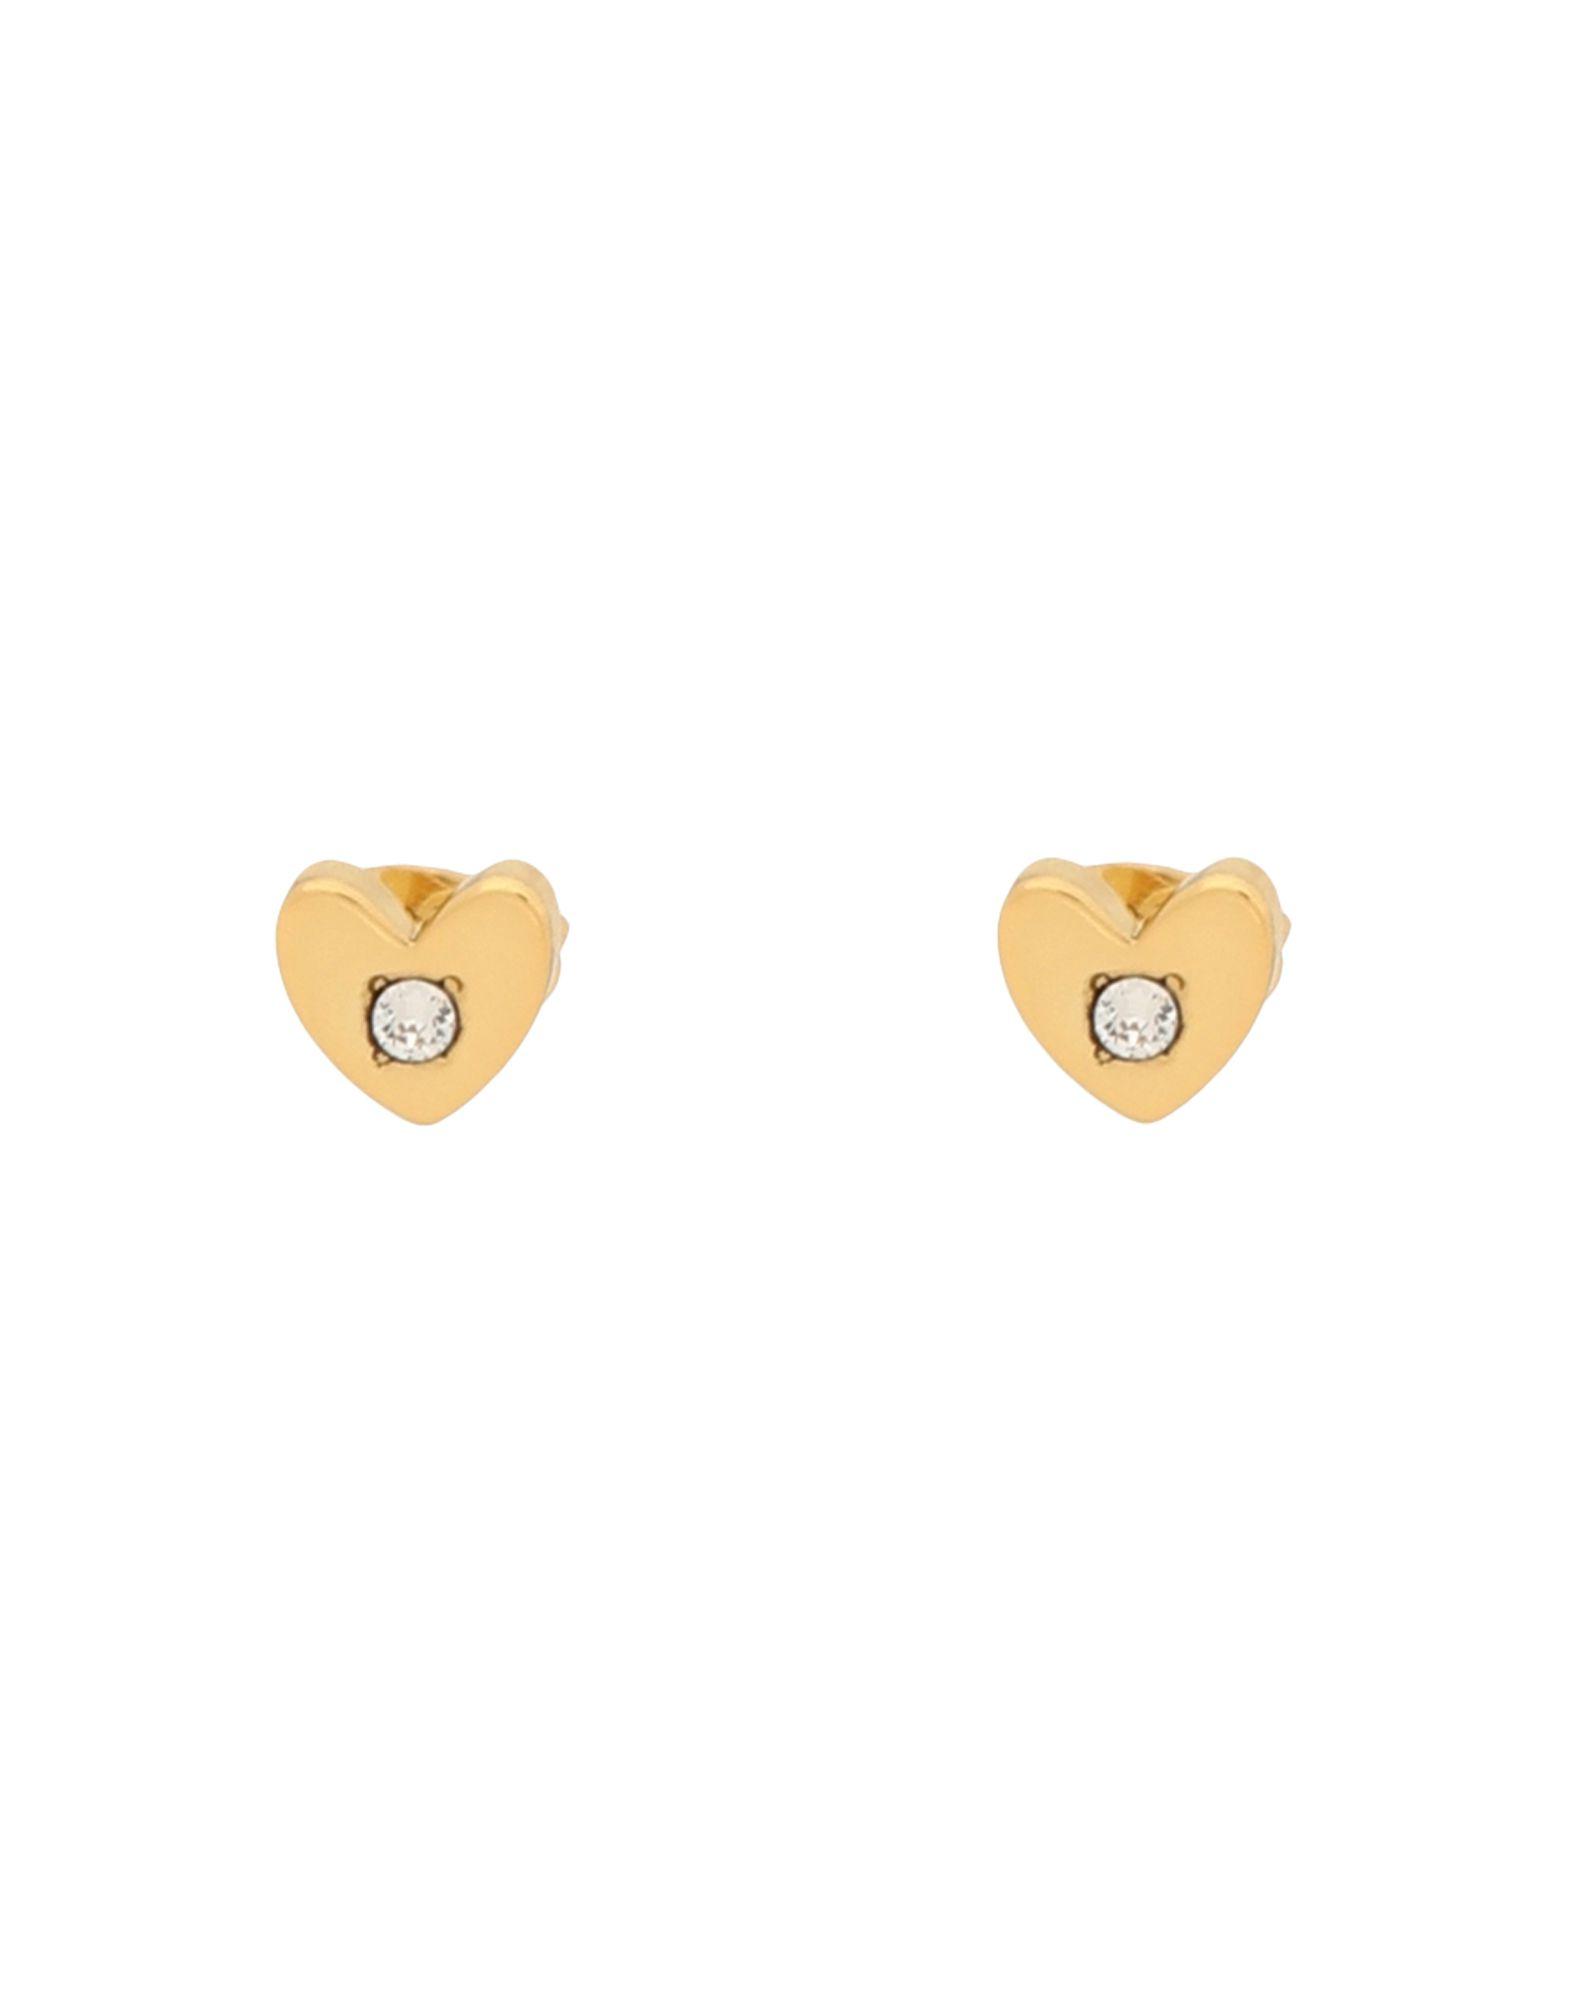 《セール開催中》FURLA レディース イヤリング ゴールド 金属 95% / ガラス 5% FURLA LOVE HEART EARRING